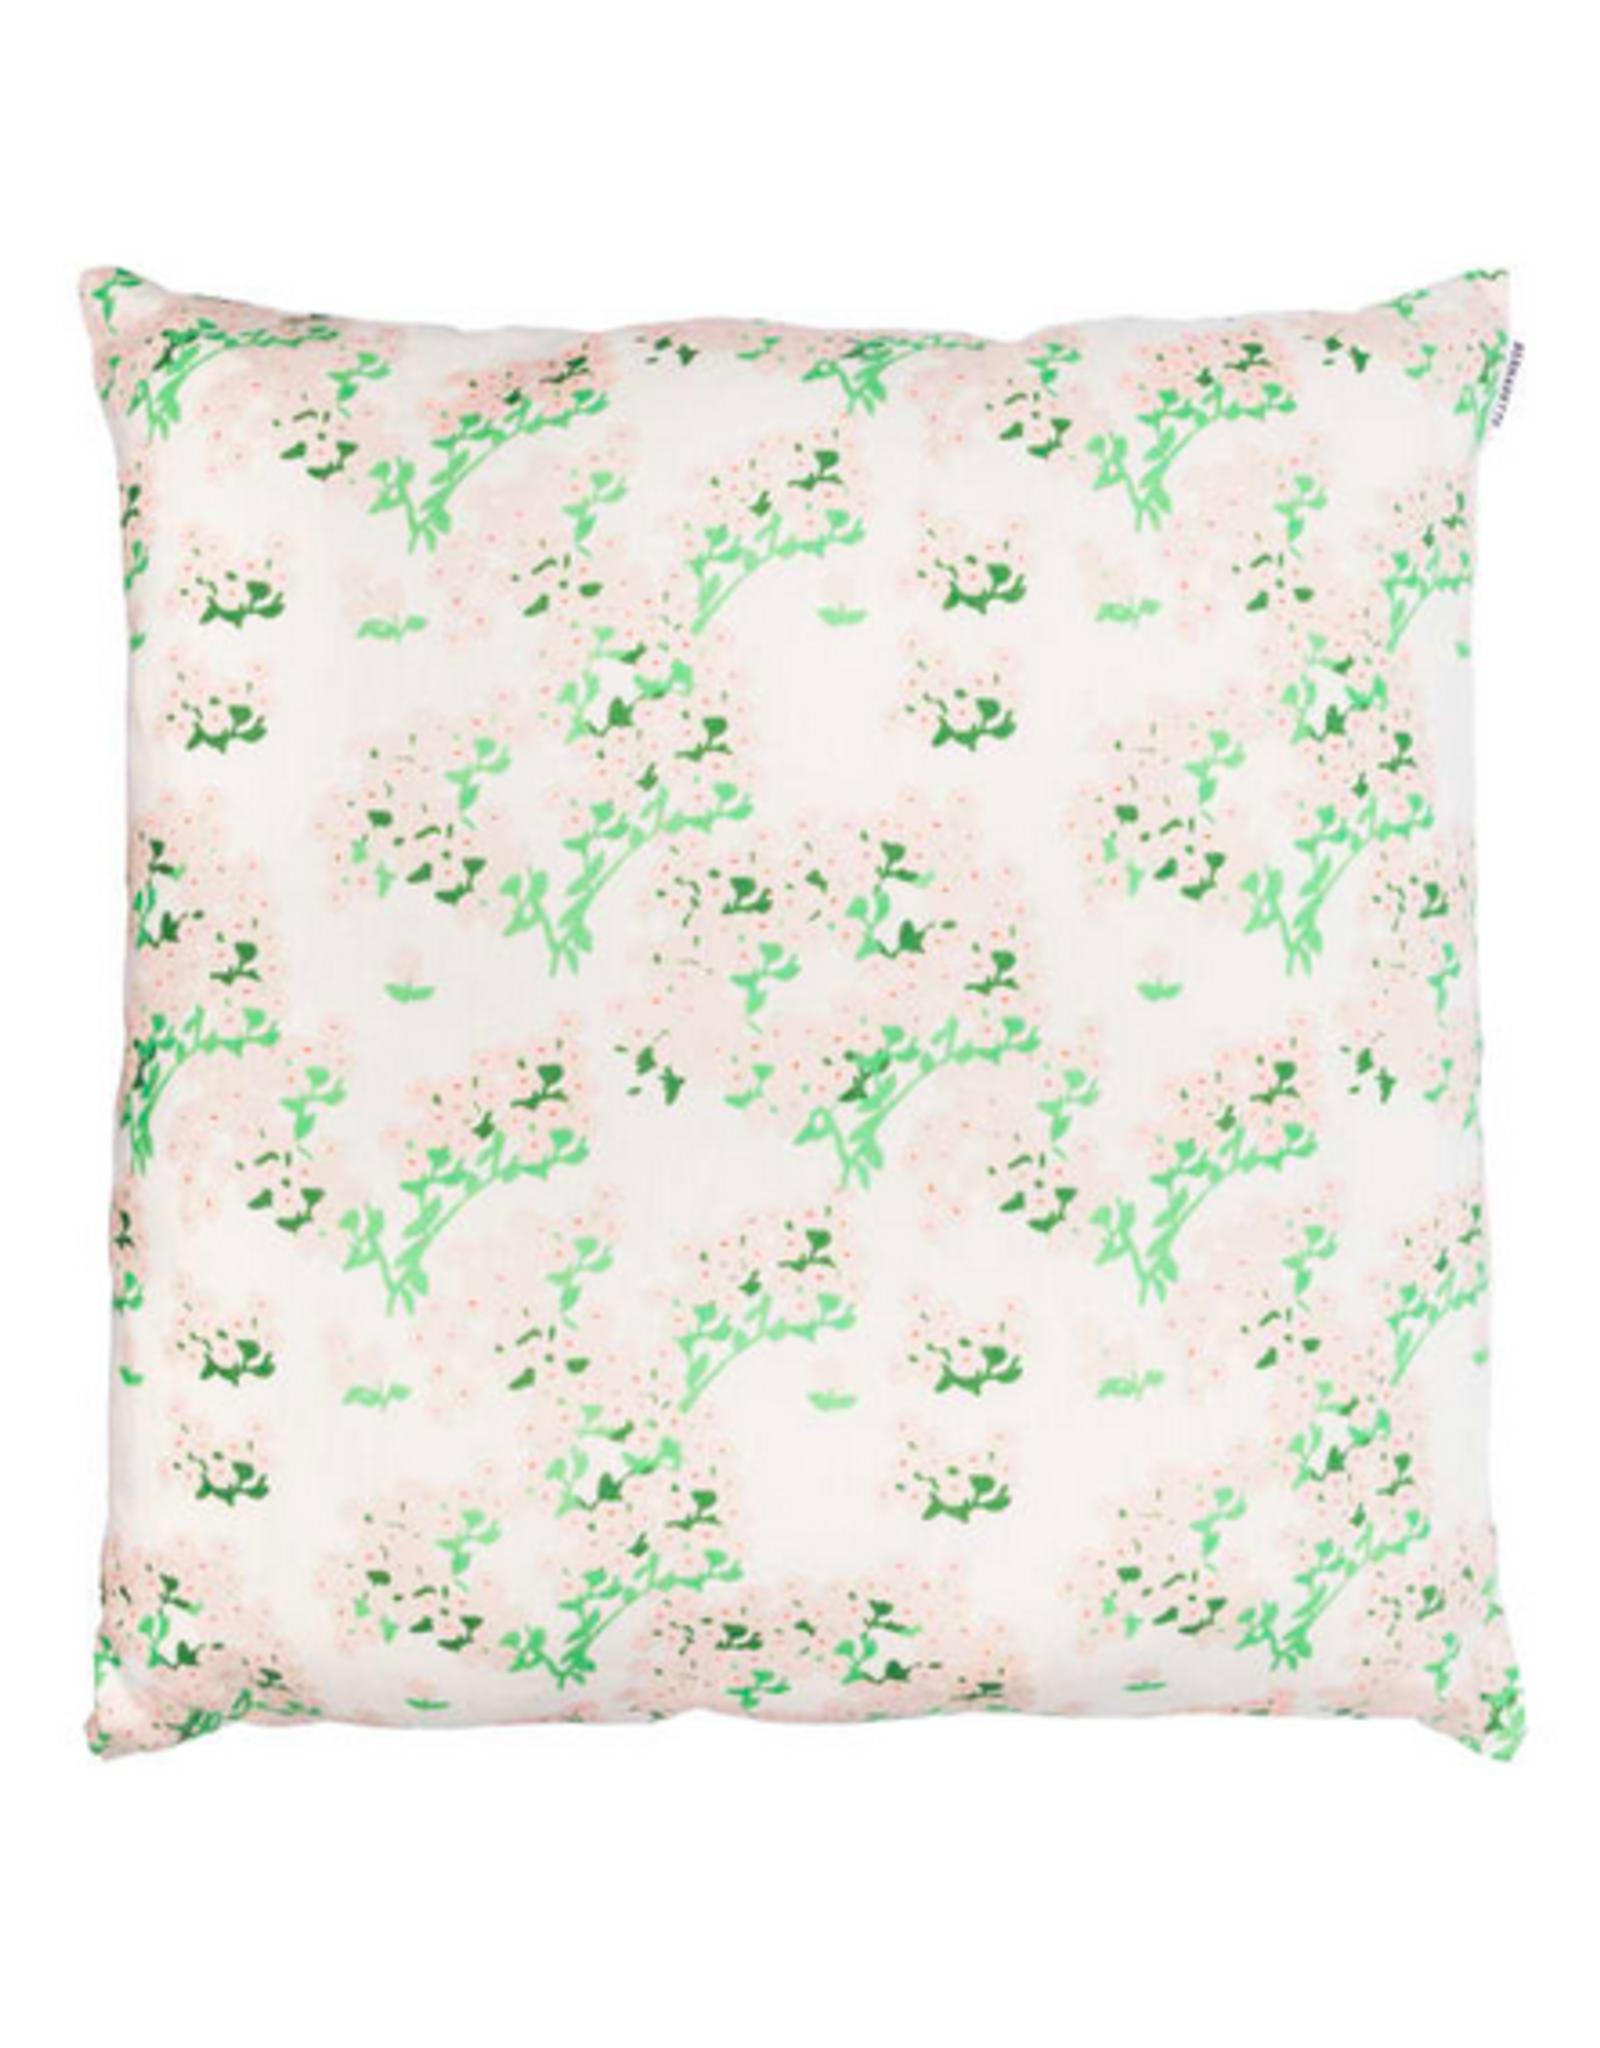 Bernadette Bernadette Floral cushion large 65x65cm - romantic cream